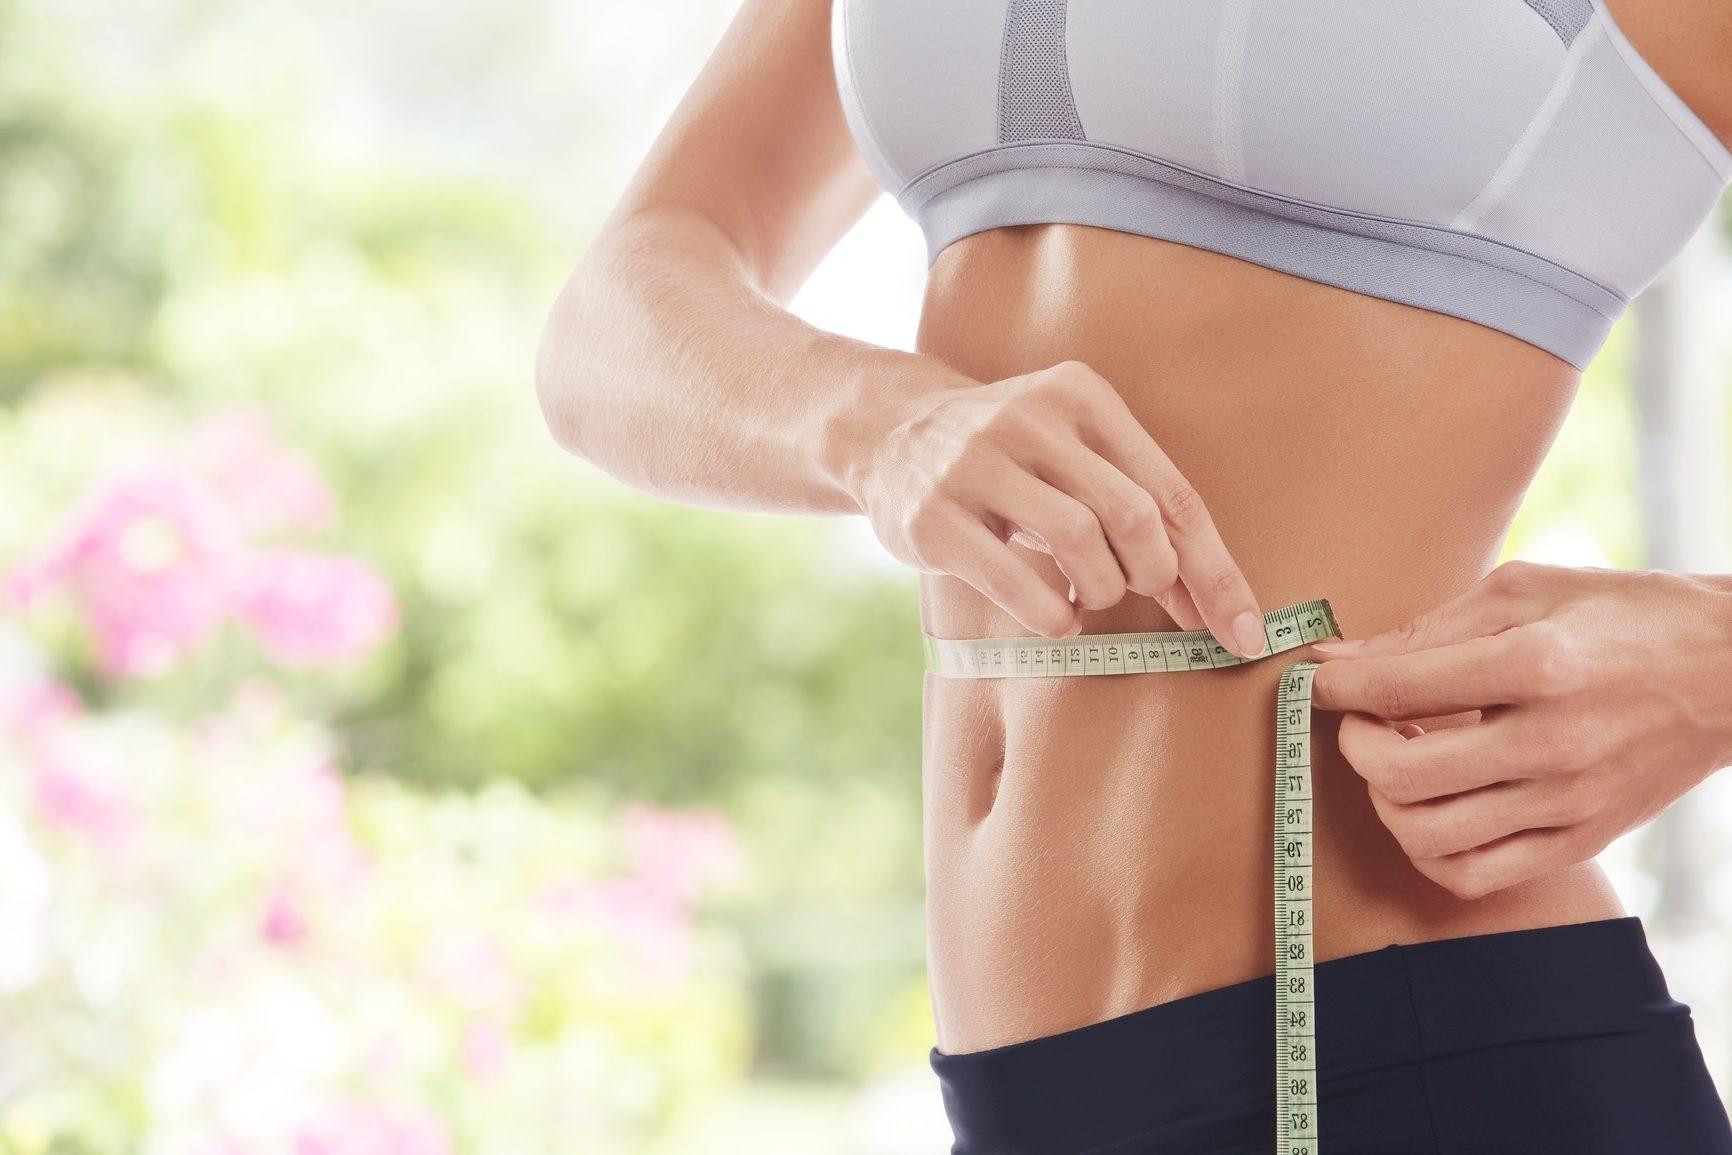 cum să pierzi grasimea sănătății bărbaților nu poate slăbi la 41 de ani